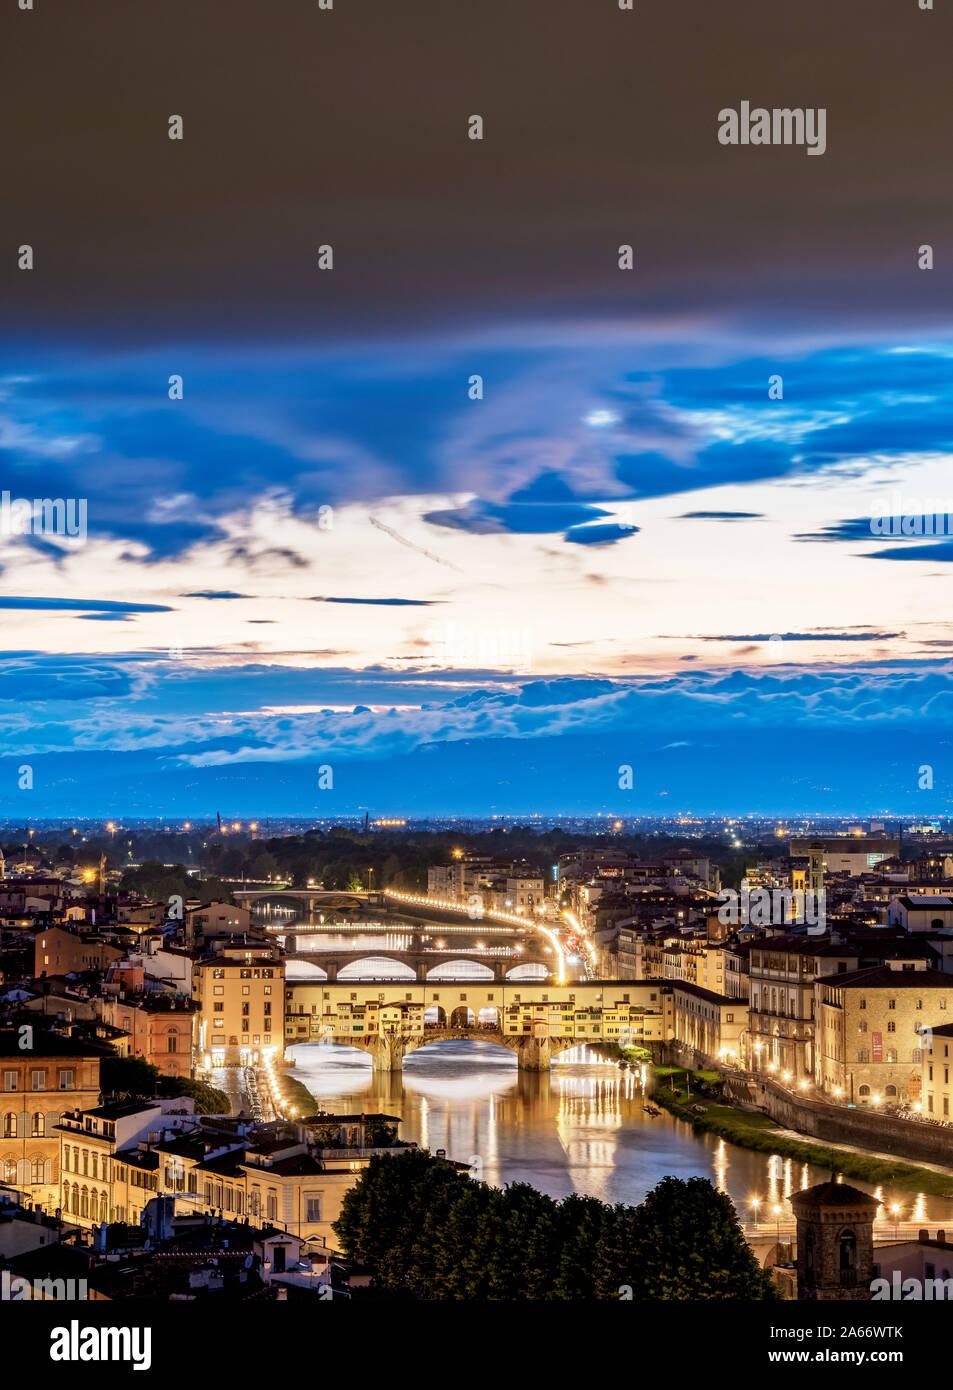 Paisaje urbano con el Ponte Vecchio y el río Arno, al anochecer, Florencia, Toscana, Italia Foto de stock